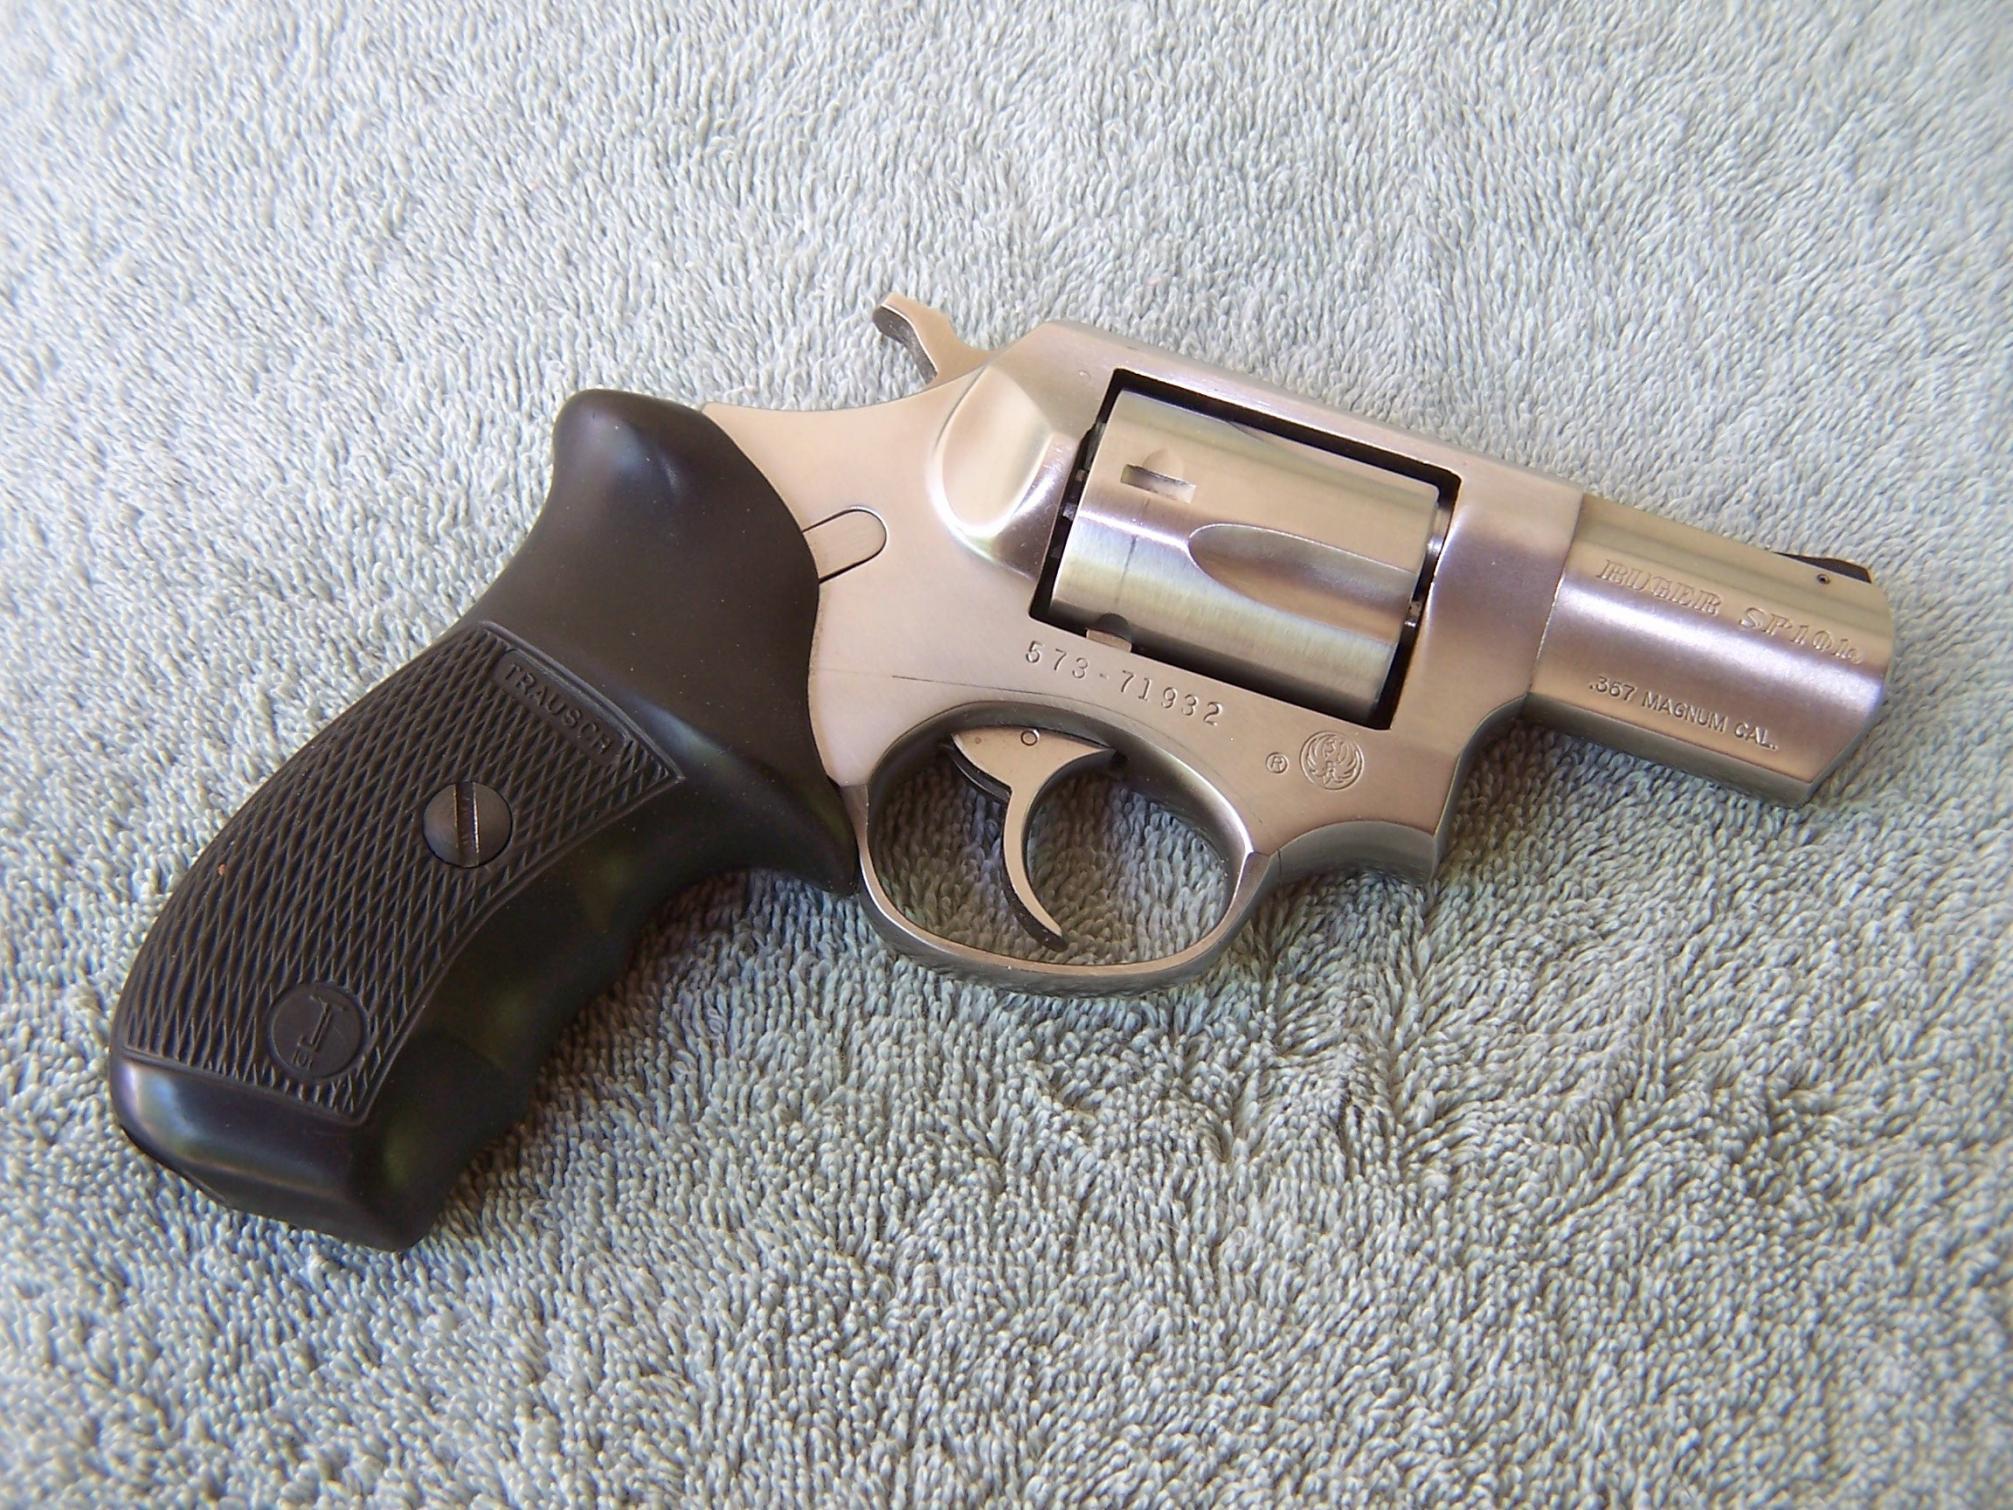 Badger boot grip for SP-101-573-71932.jpg